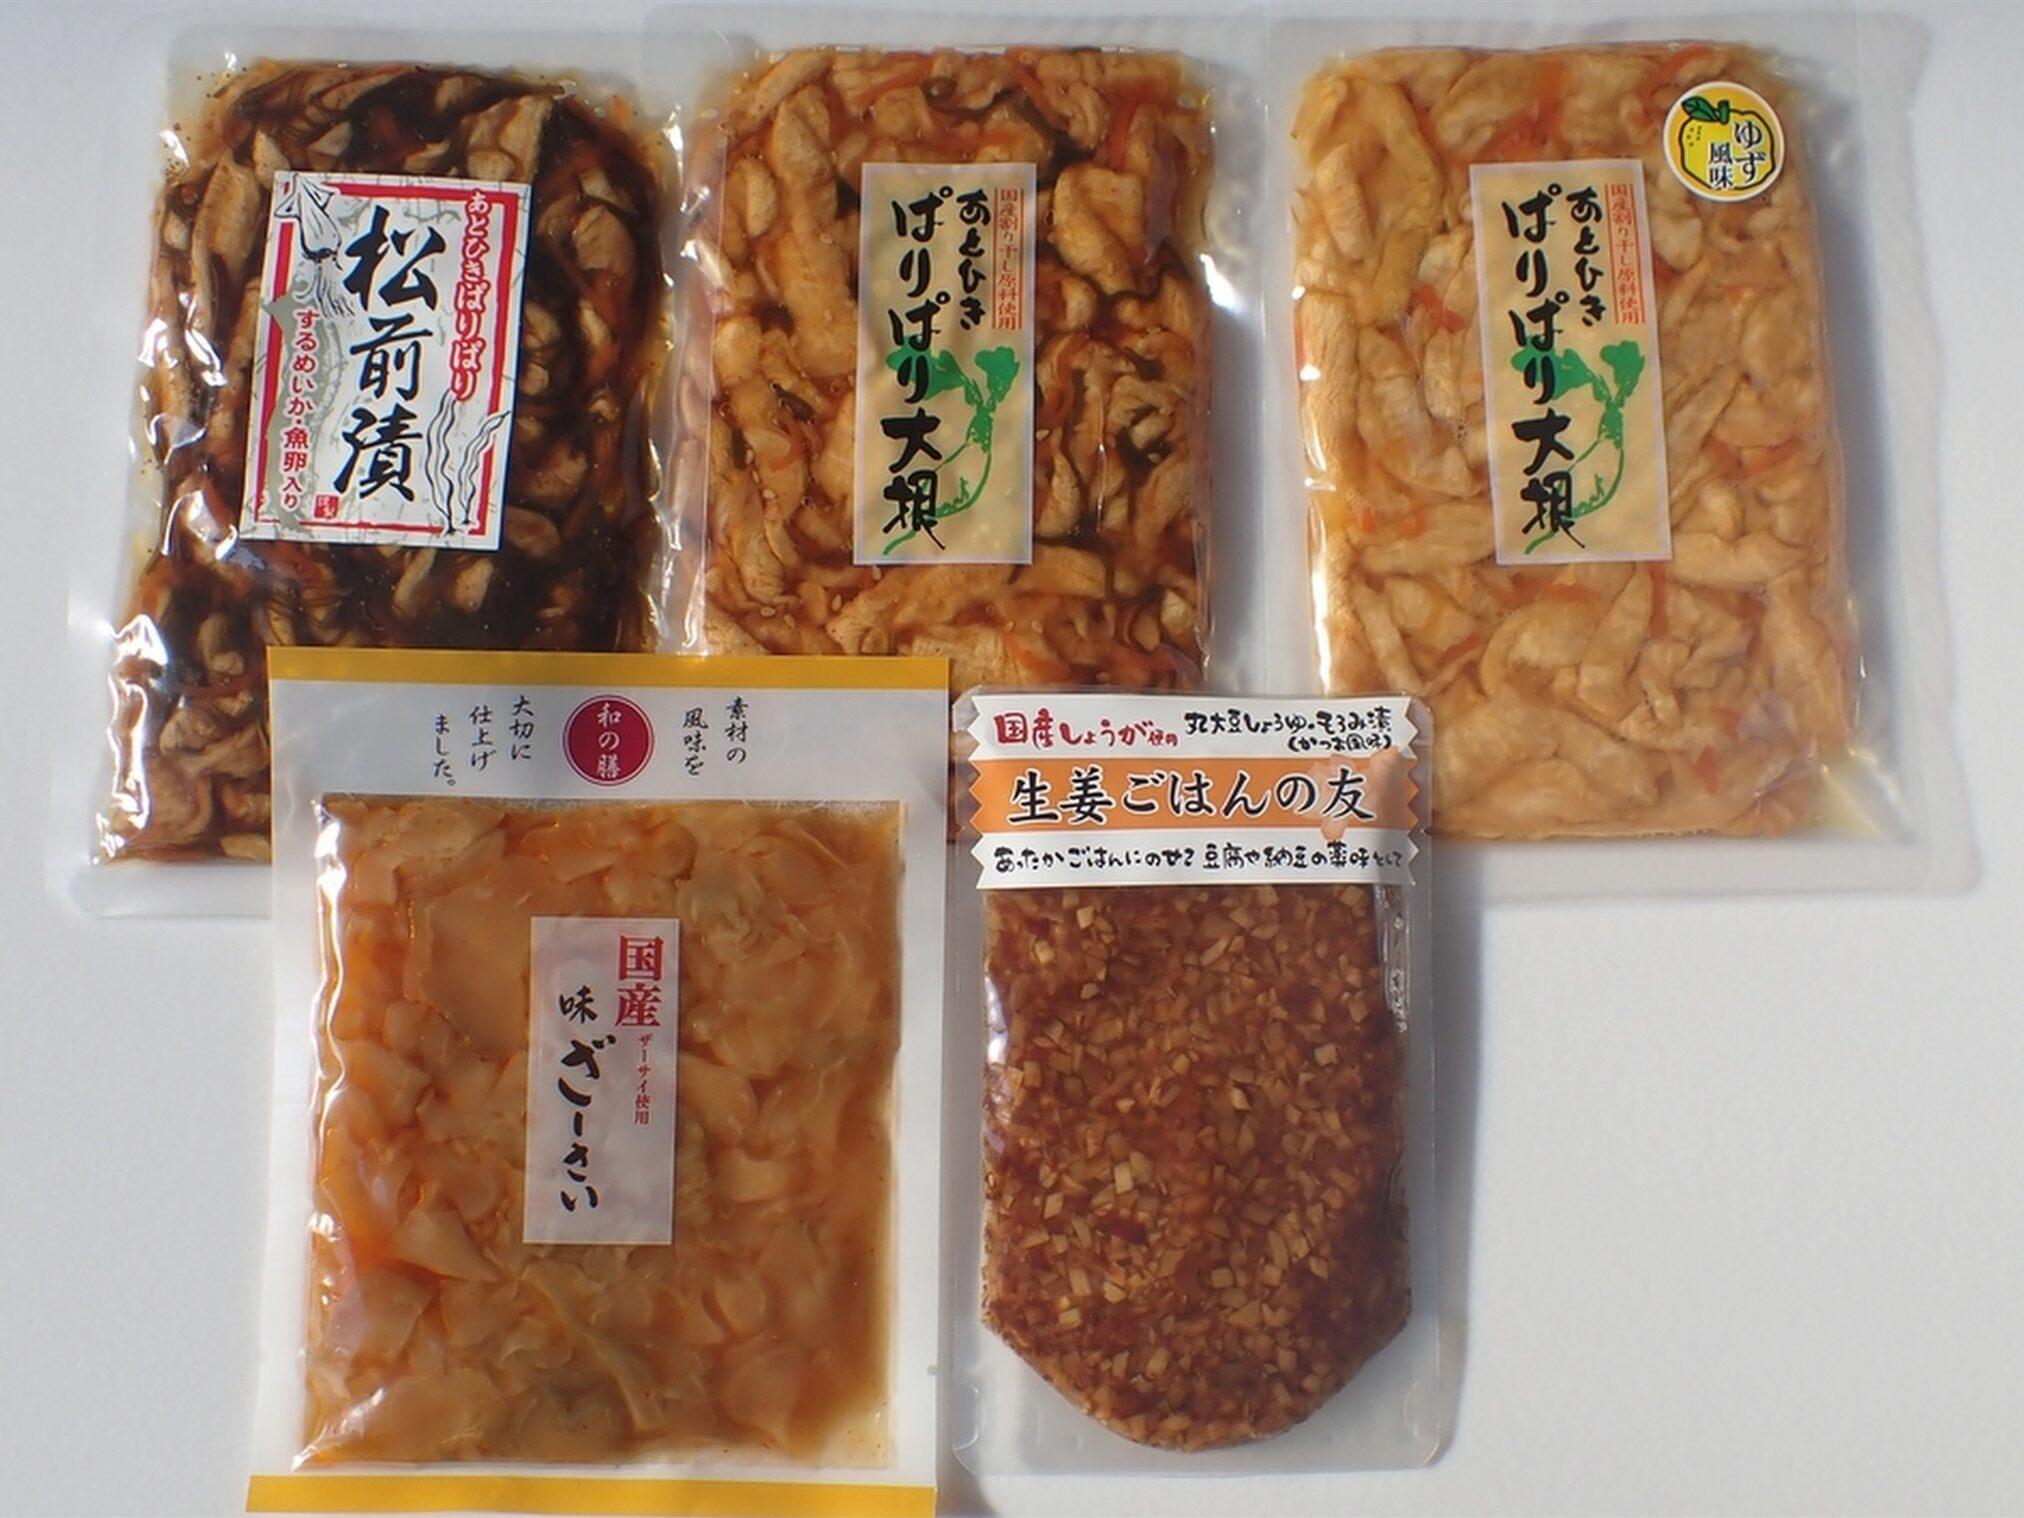 マルアイ食品の国産野菜を使った無添加食品 漬物セット 5種類